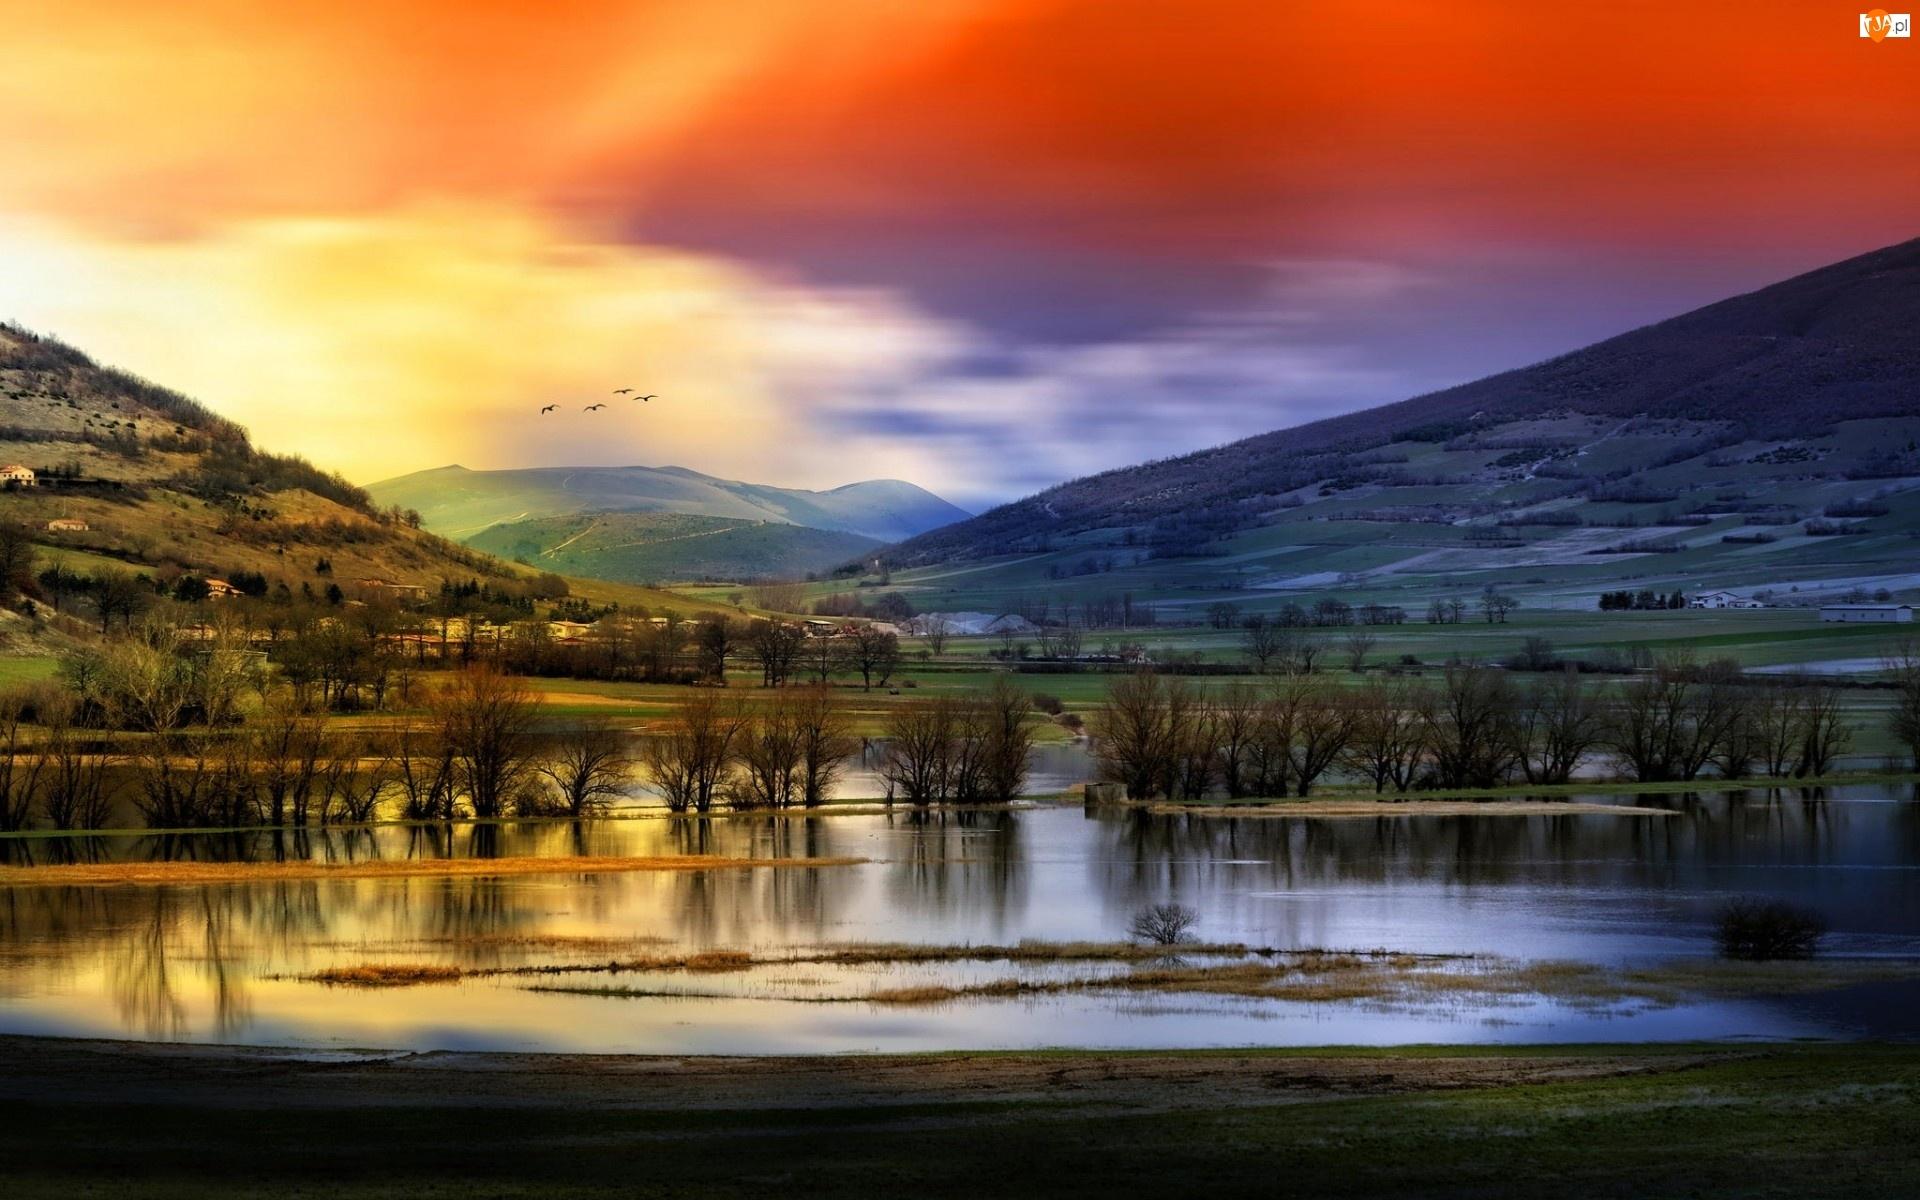 Chmury, Domy, Pola, Rzeka, Ptaki, Łąki, Góry